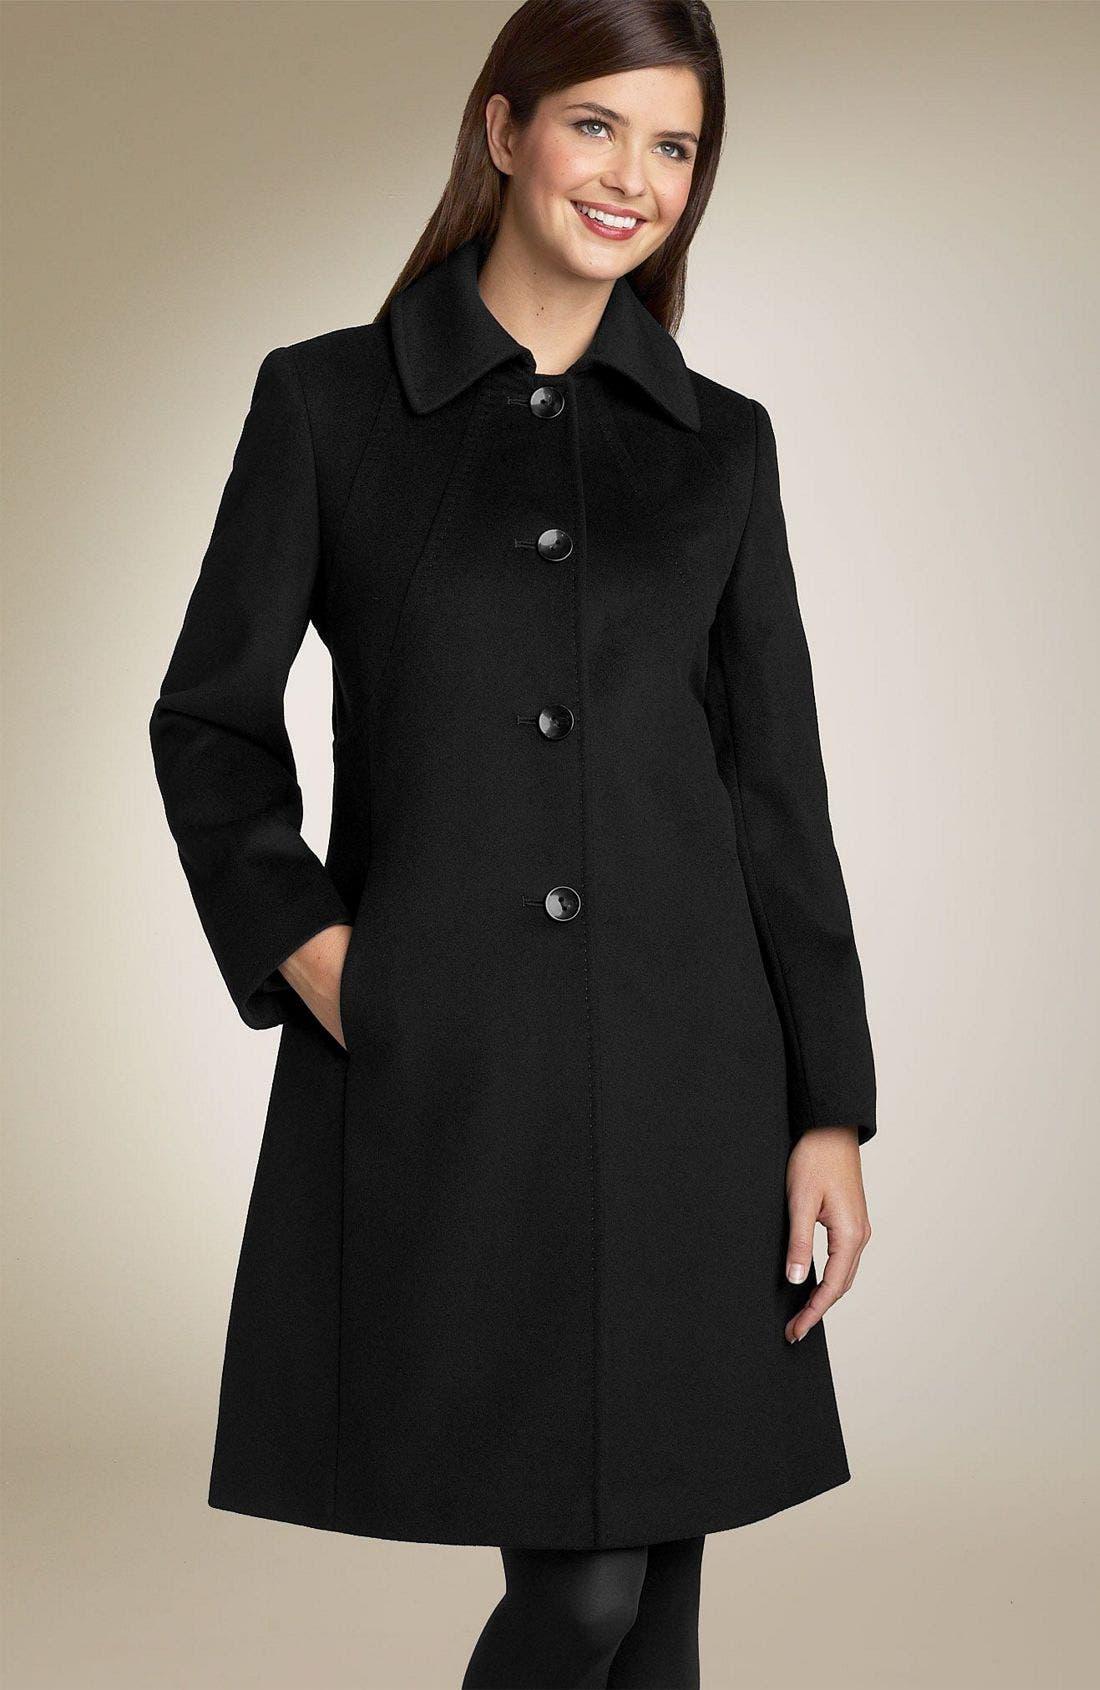 Cashmere Blend Coat, Main, color, BLK